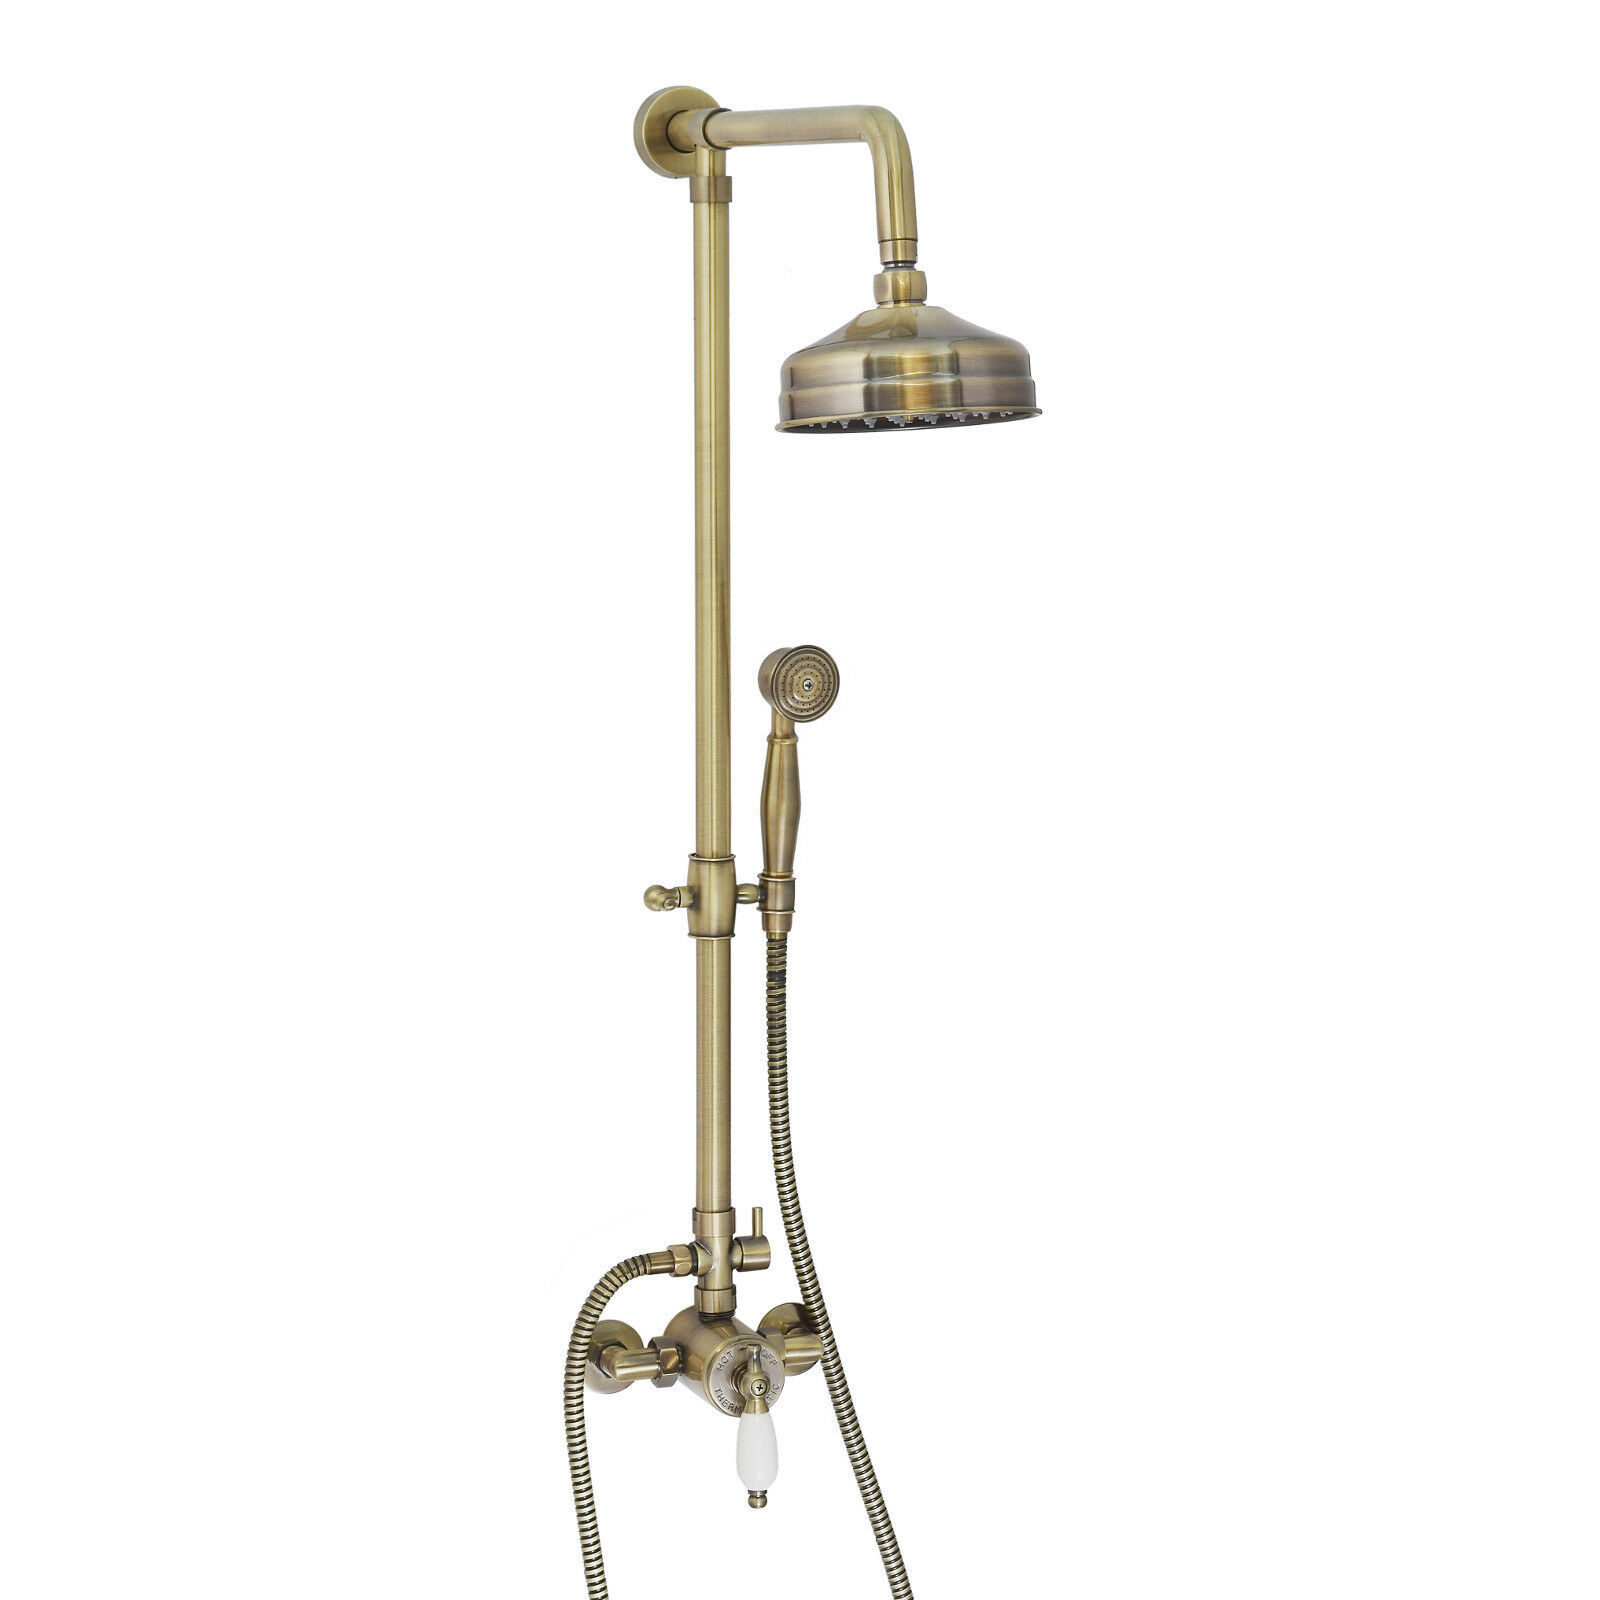 Enki 6 in (environ 15.24 cm) cm) cm) Kit de douche laiton Thermostatique Séquentiel Antique Bronze traditionnel   Respectueux De L'environnement  1bc9af